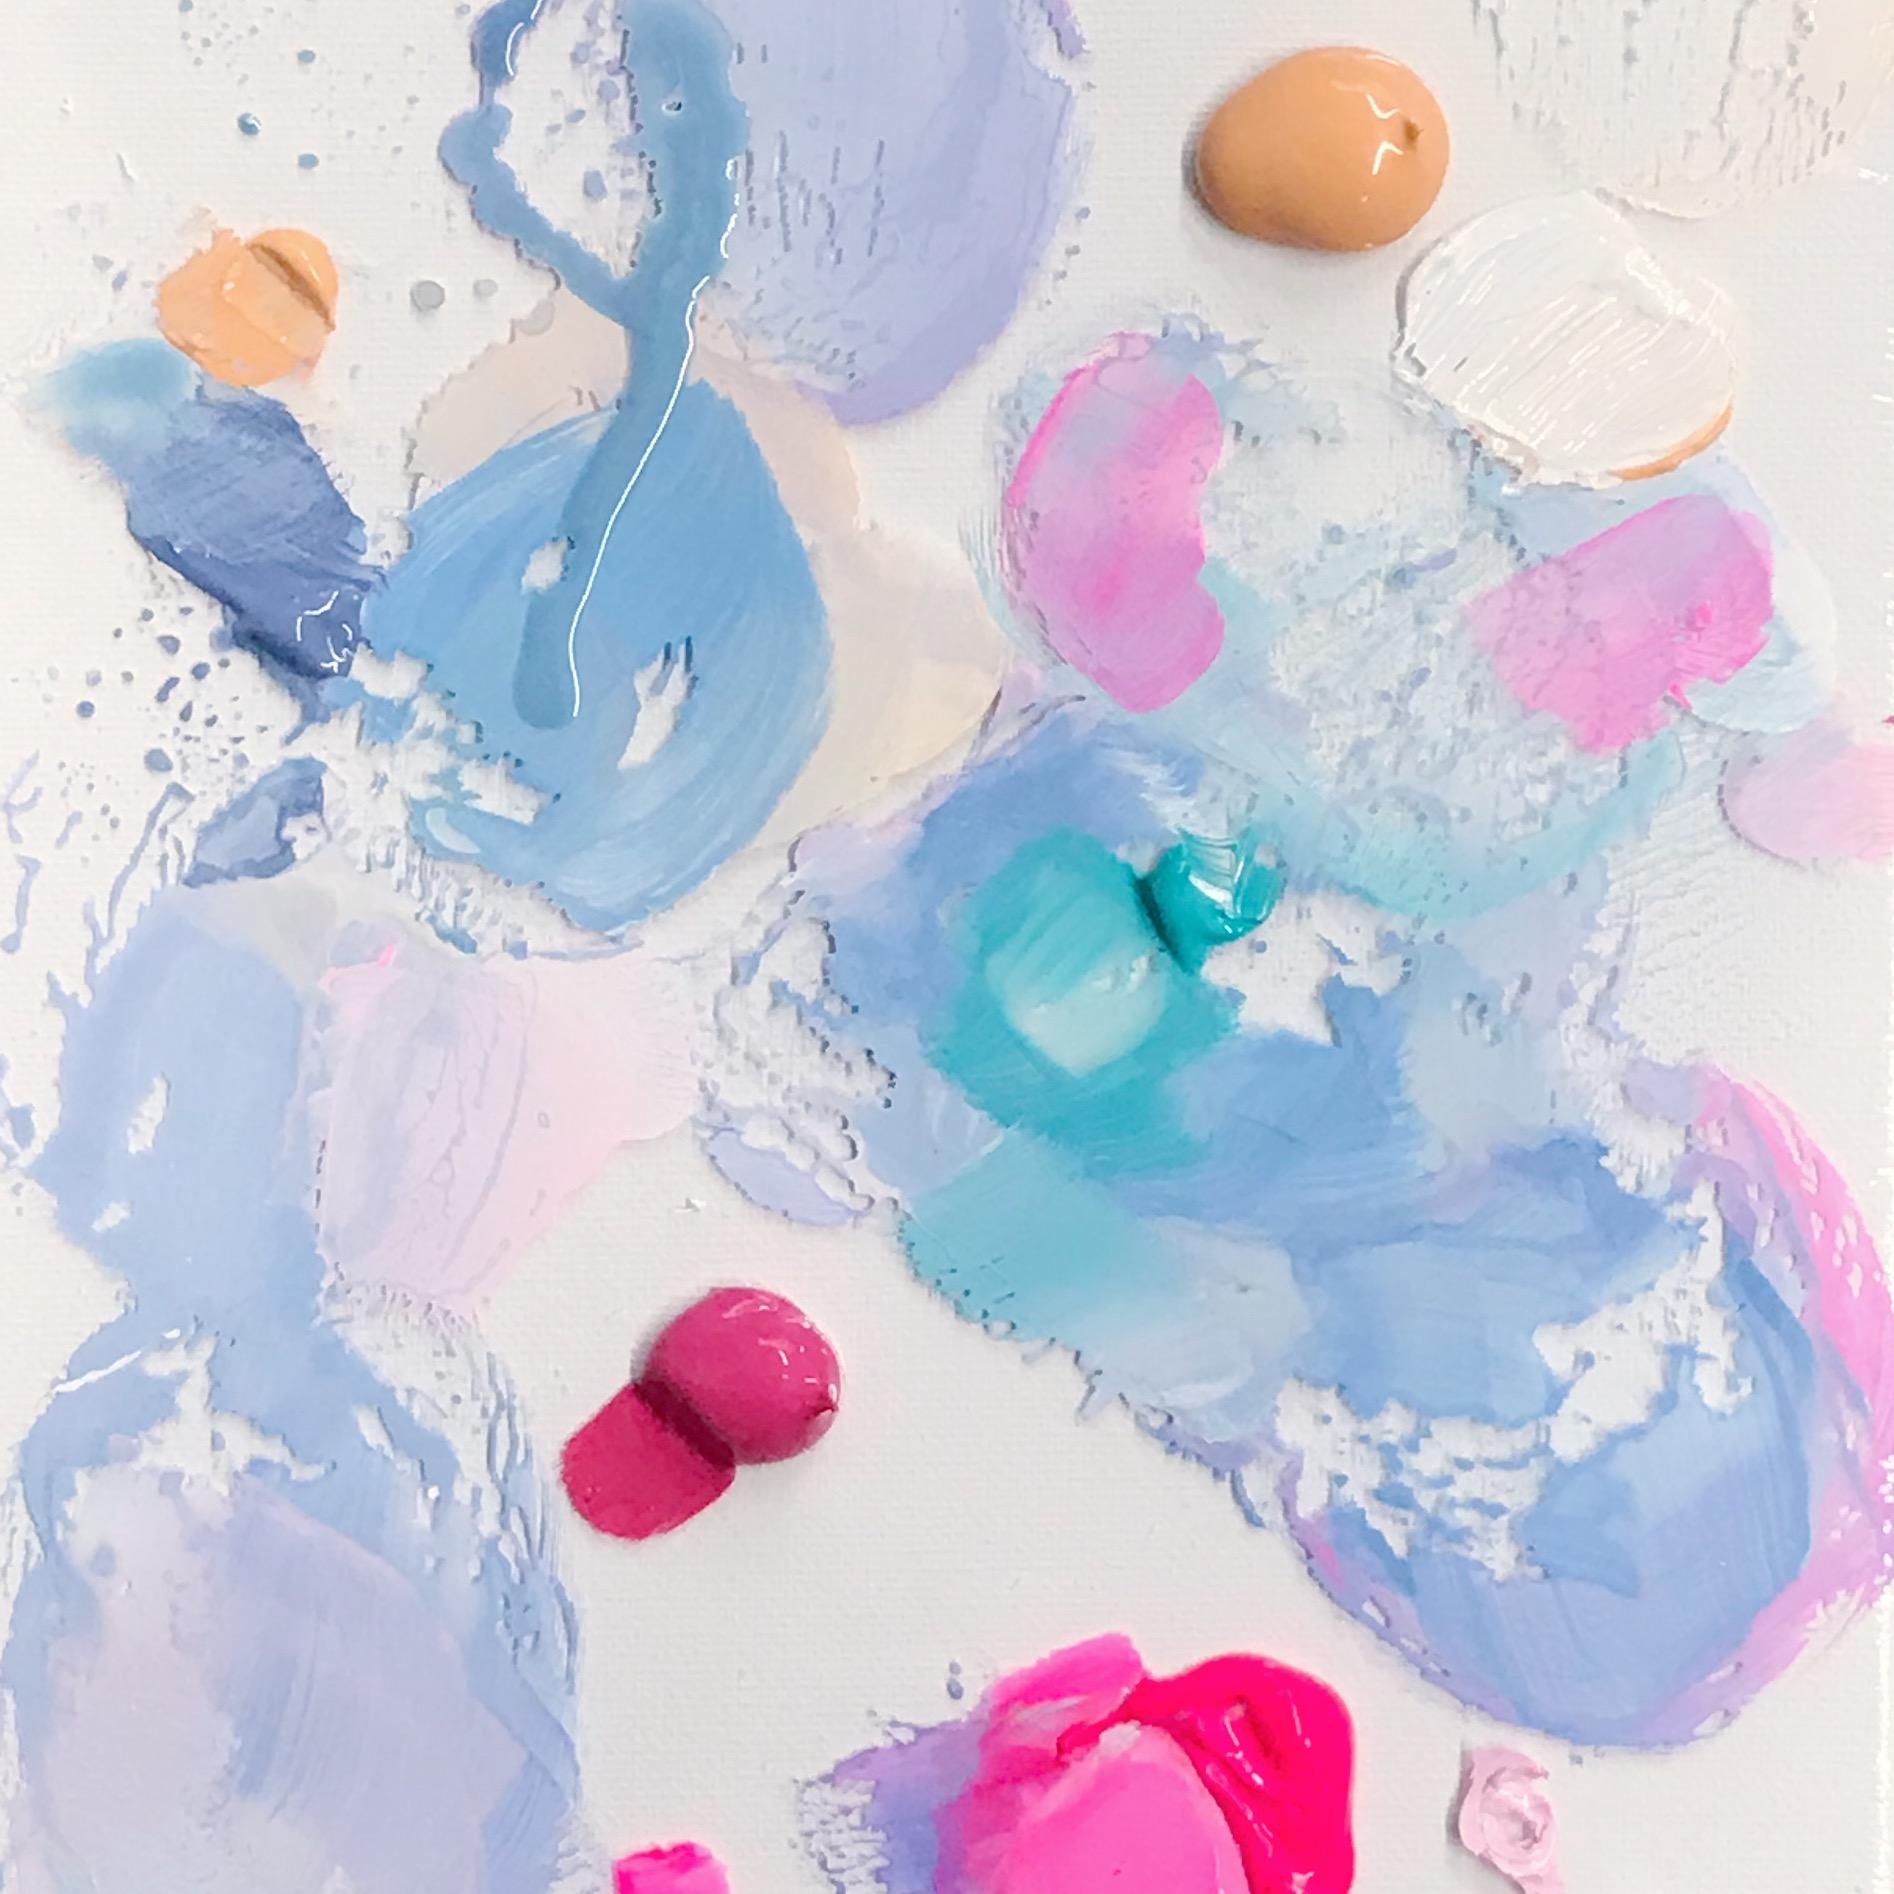 Paint palette by Megan Elizabeth of Art by Megan